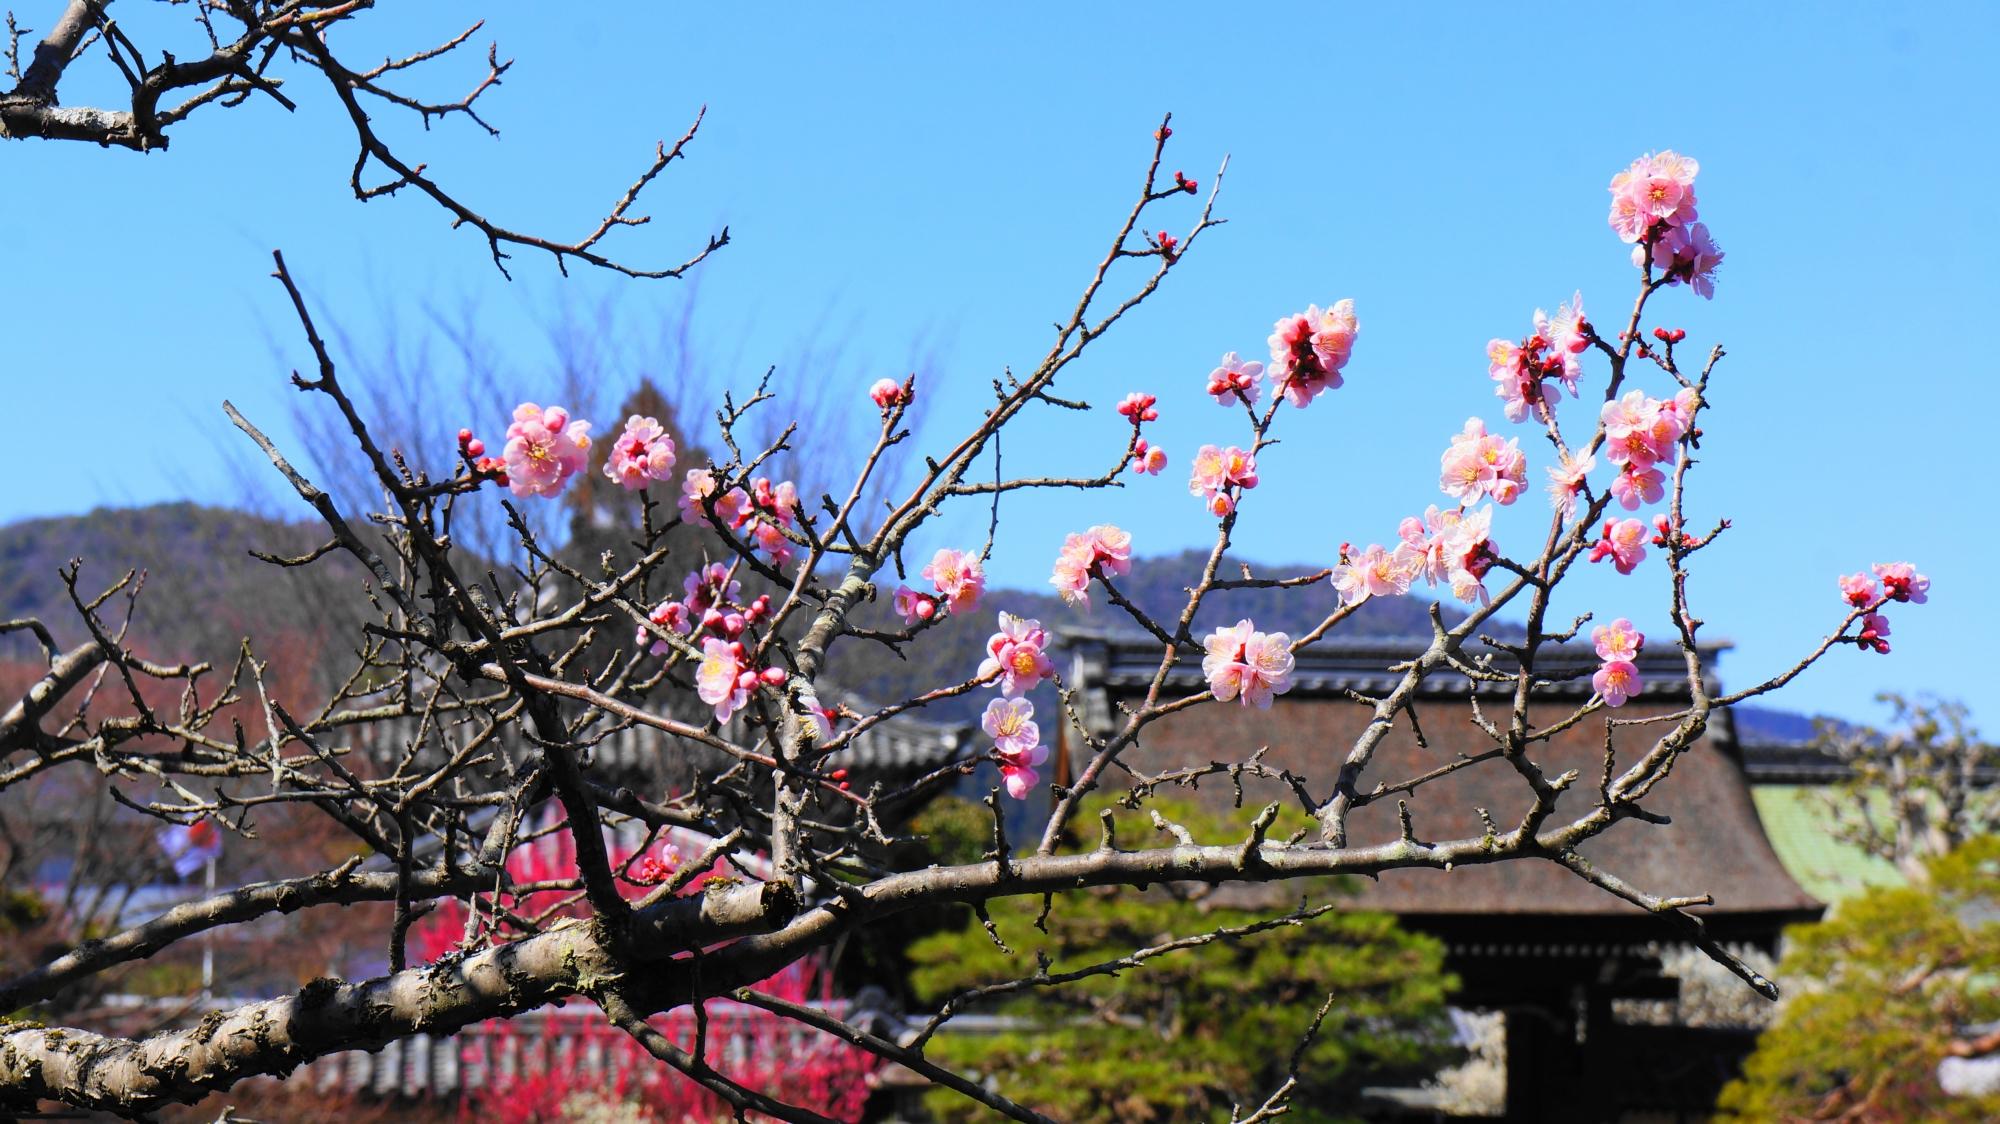 東神苑の咲耶池の島にある梅